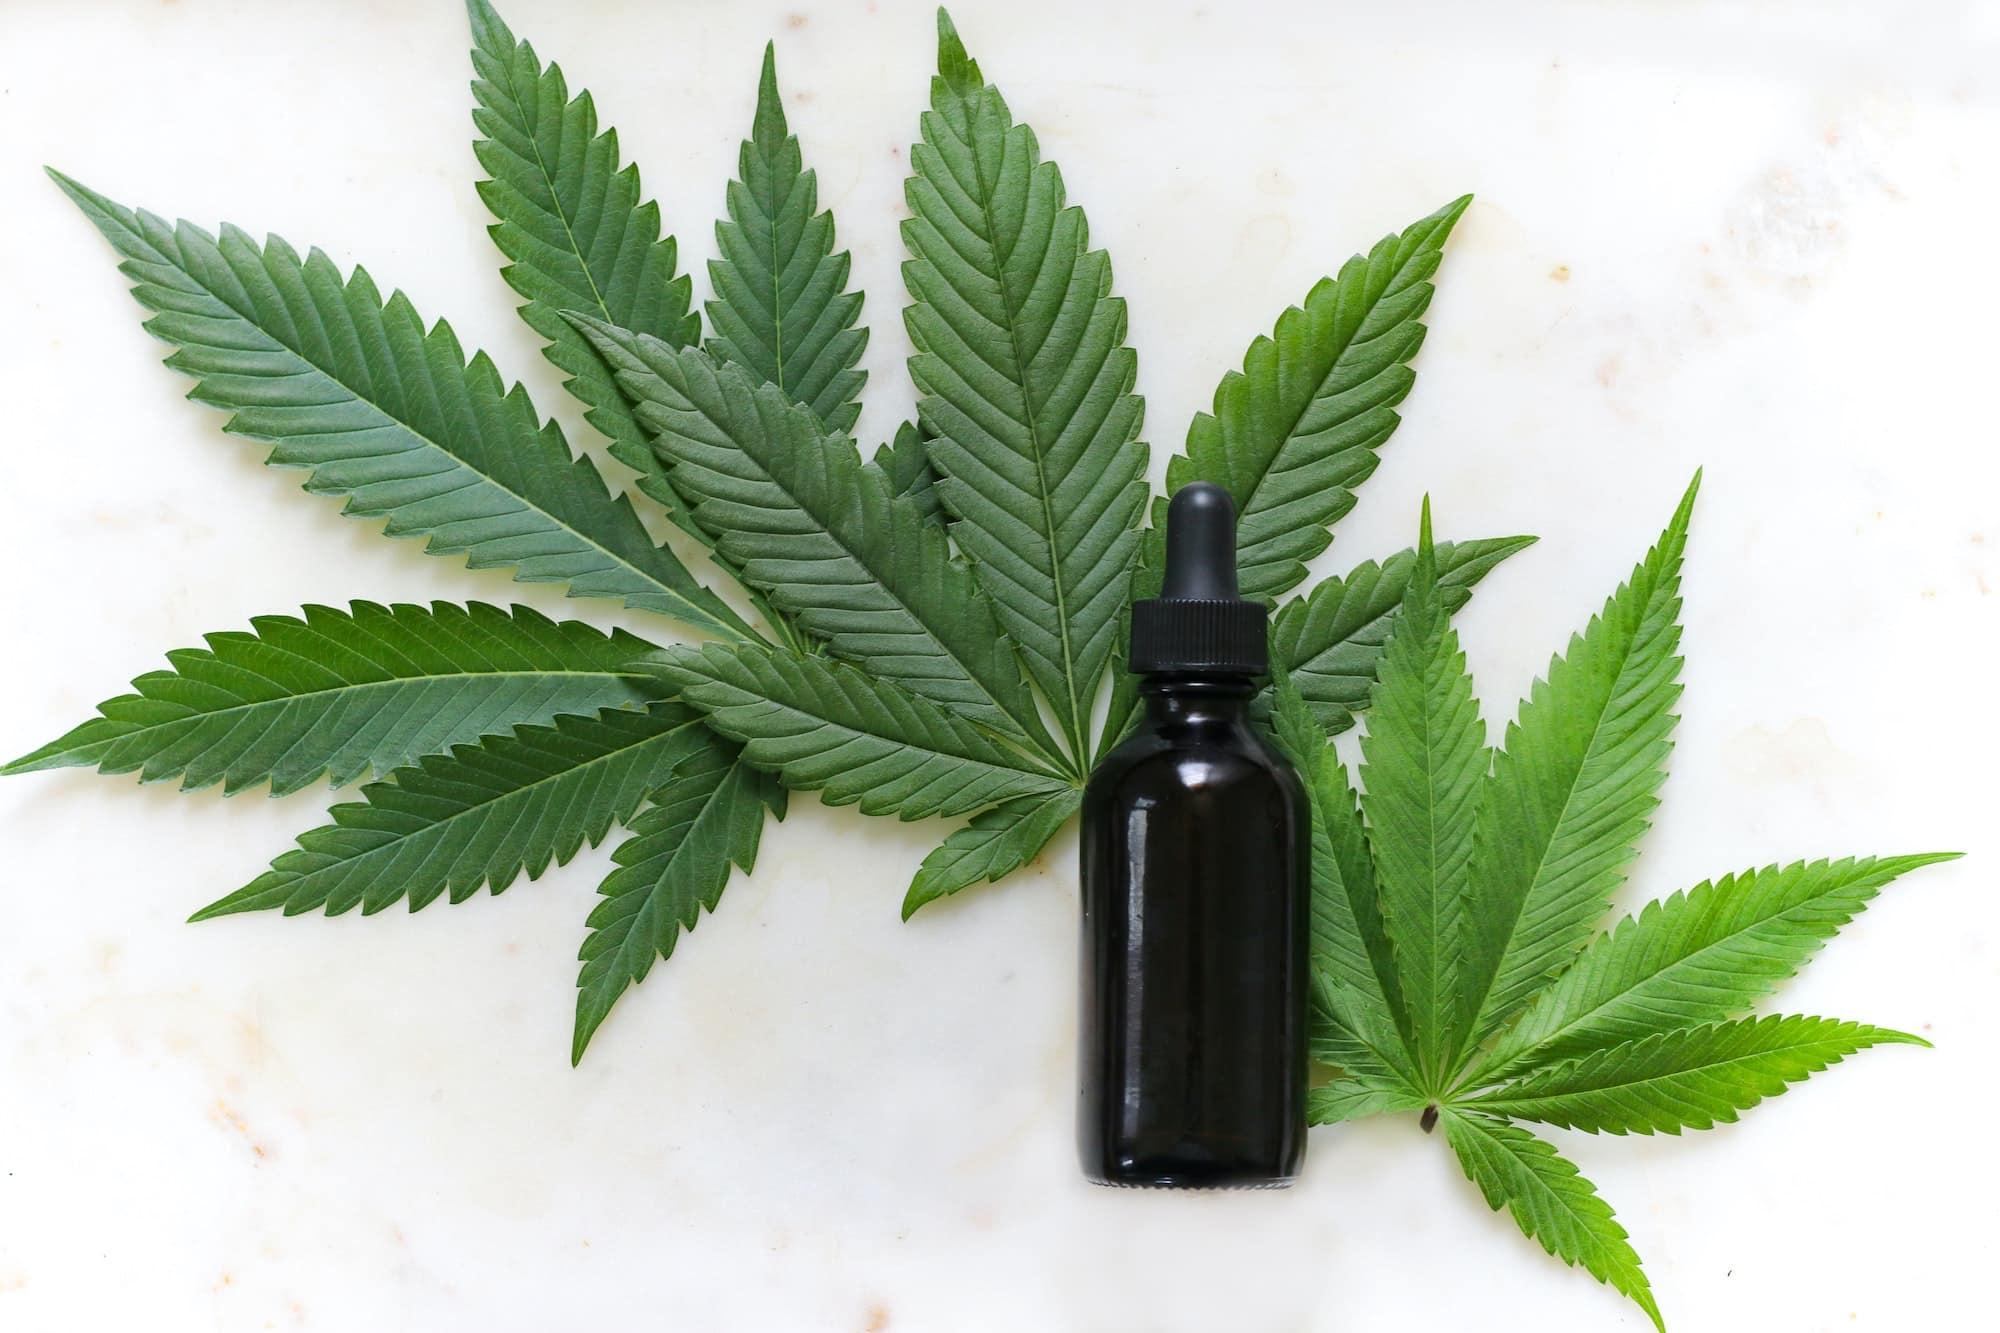 Cannabisprodukter